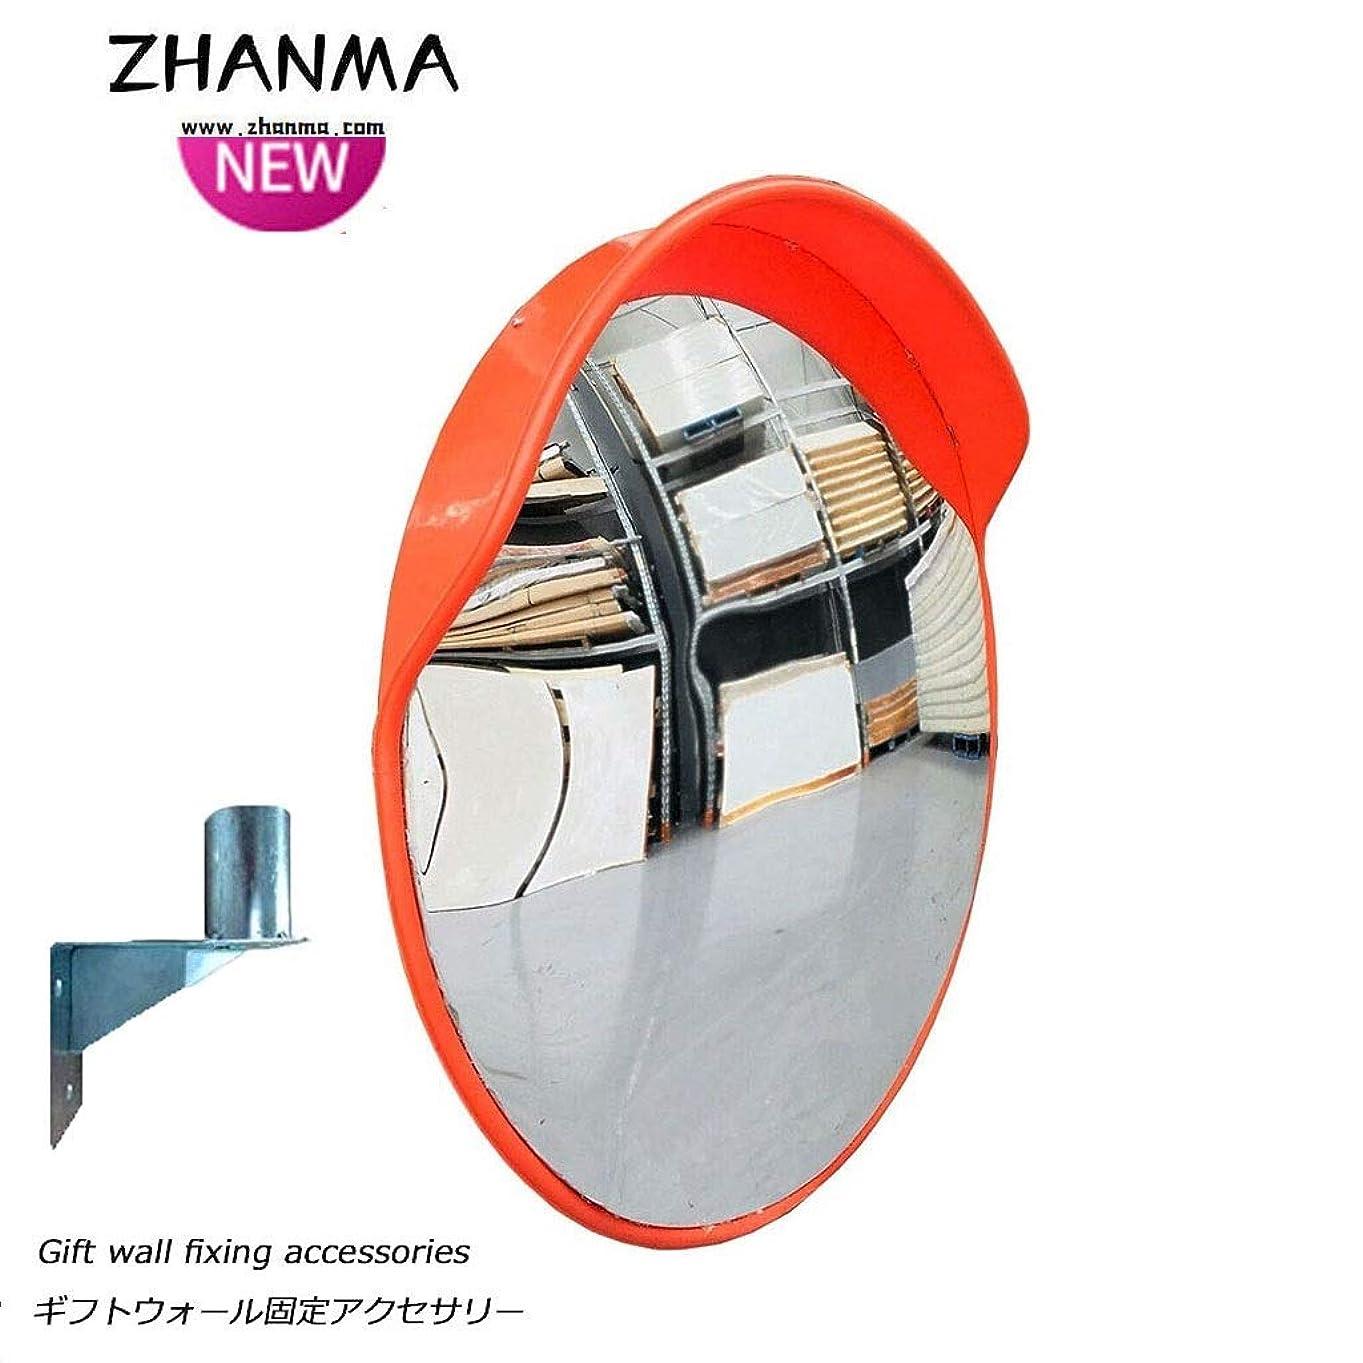 満足できる代理店大胆不敵ブラインドスポットミラーHD凸面鏡60センチメートルガレージミラー80センチメートル、取付金具送ります HuiGjj-0417 (Size : 60cm)